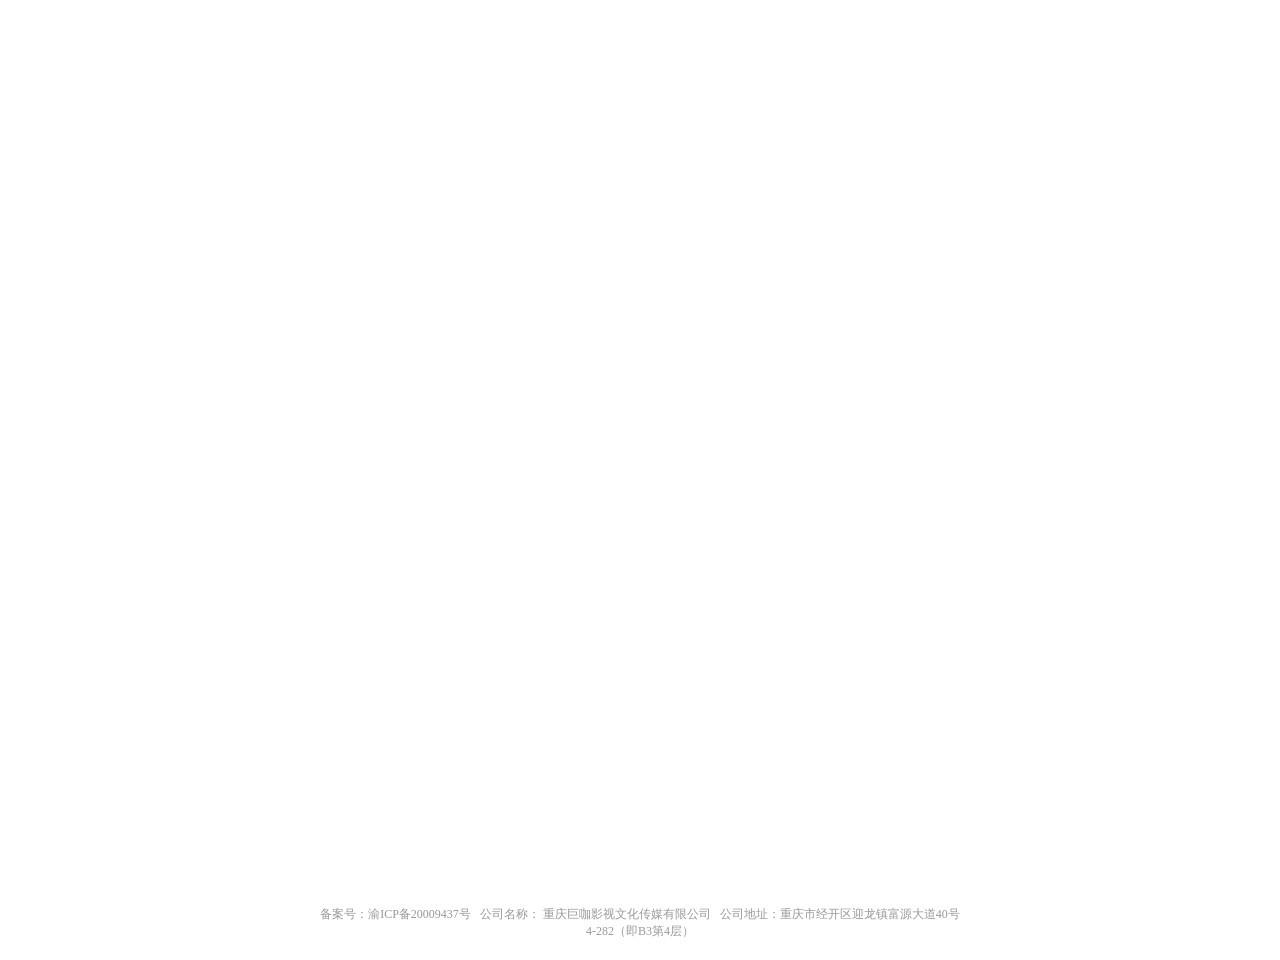 番茄电影网_影视大片高清视频